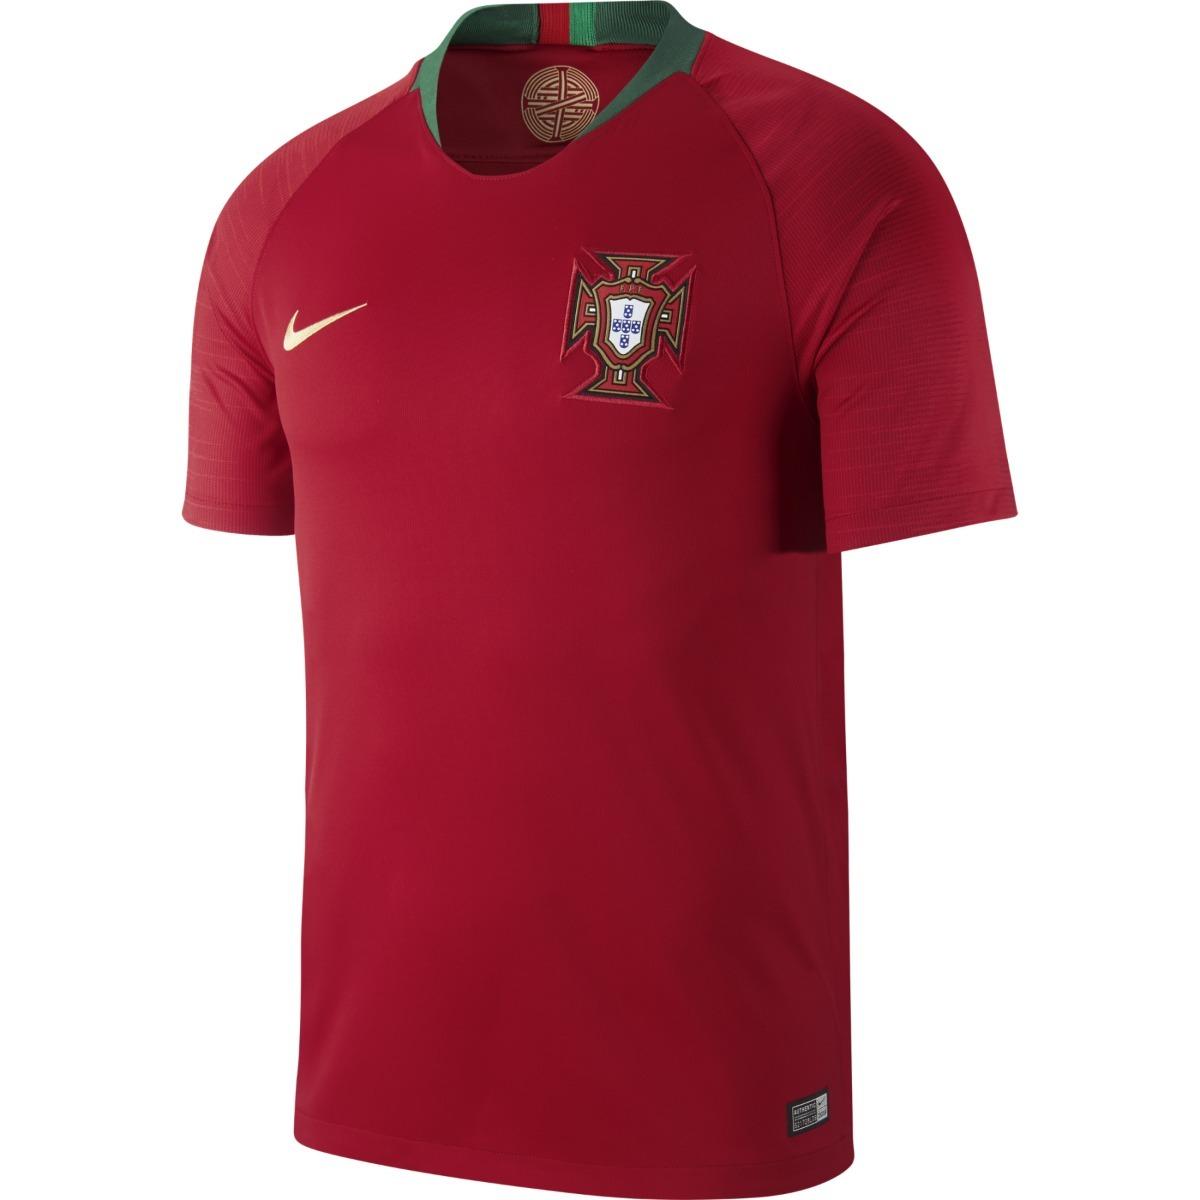 camisa nike portugal i 2018 torcedor - original. Carregando zoom. 1e9570c0b010c